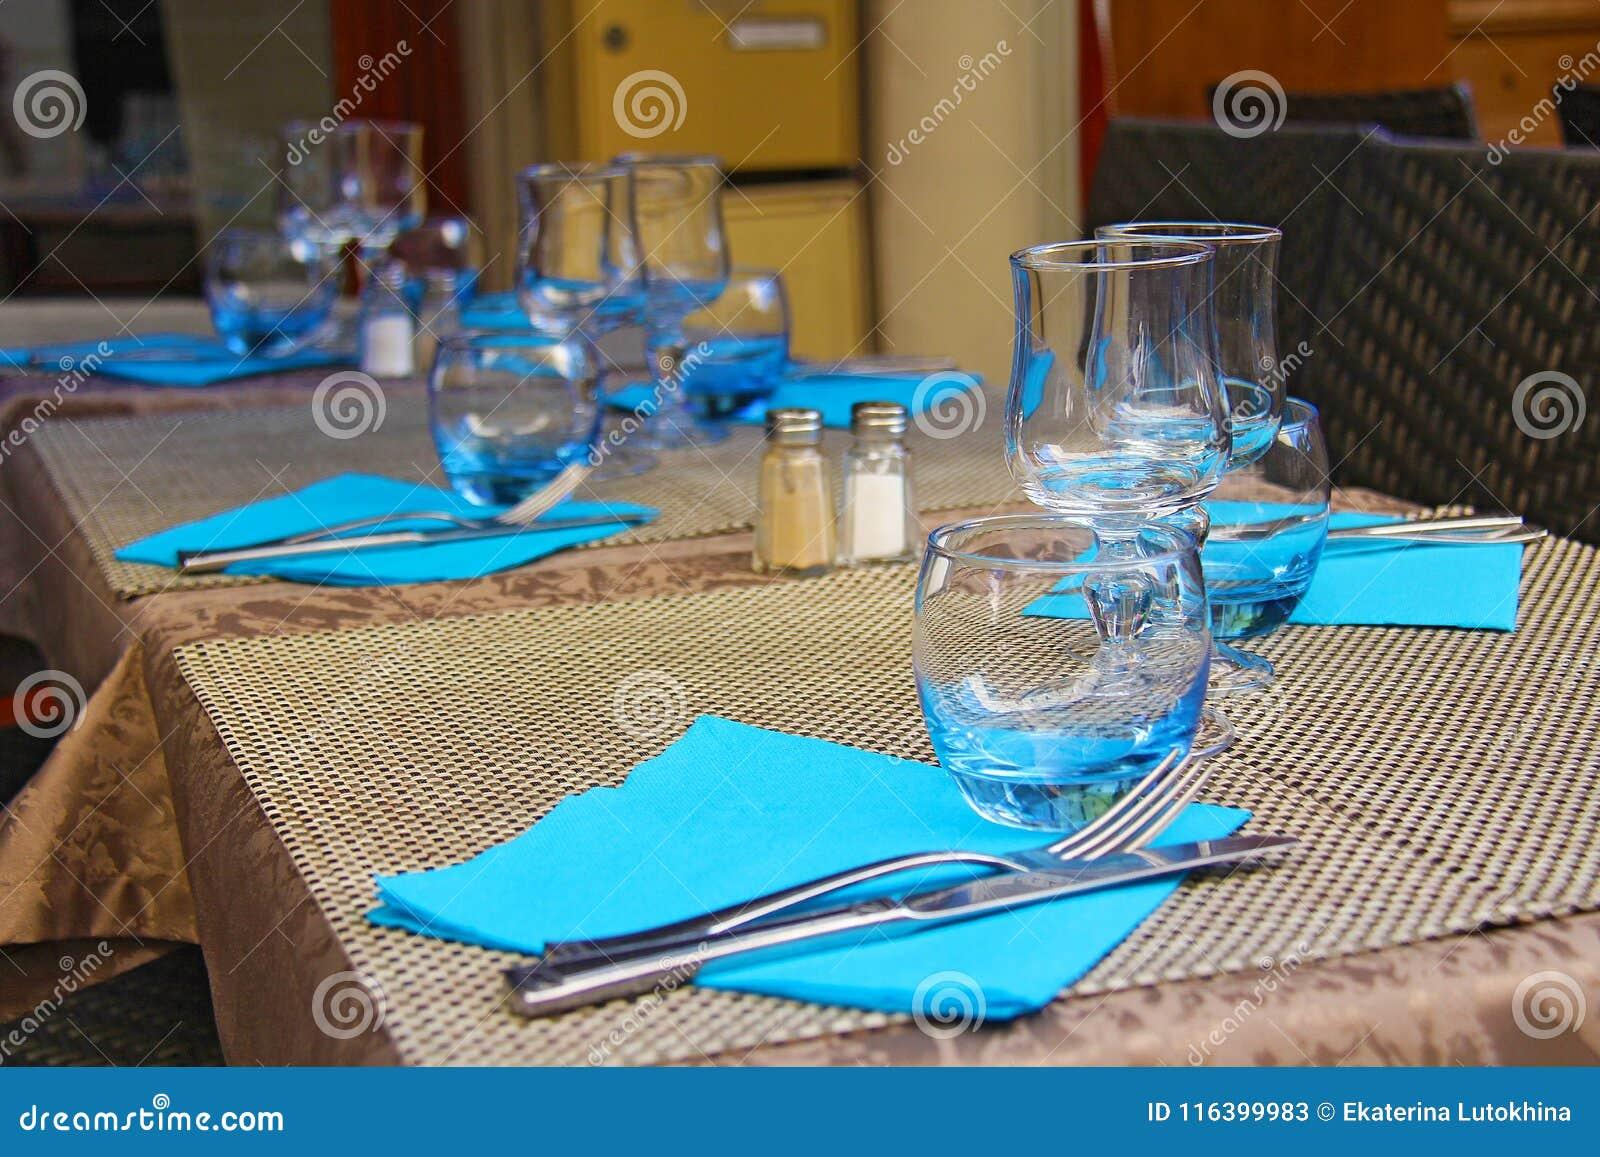 Επιτραπέζια ρύθμιση - μαχαίρι και δίκρανο, goblets γυαλιού, μπλε πετσέτες στο β